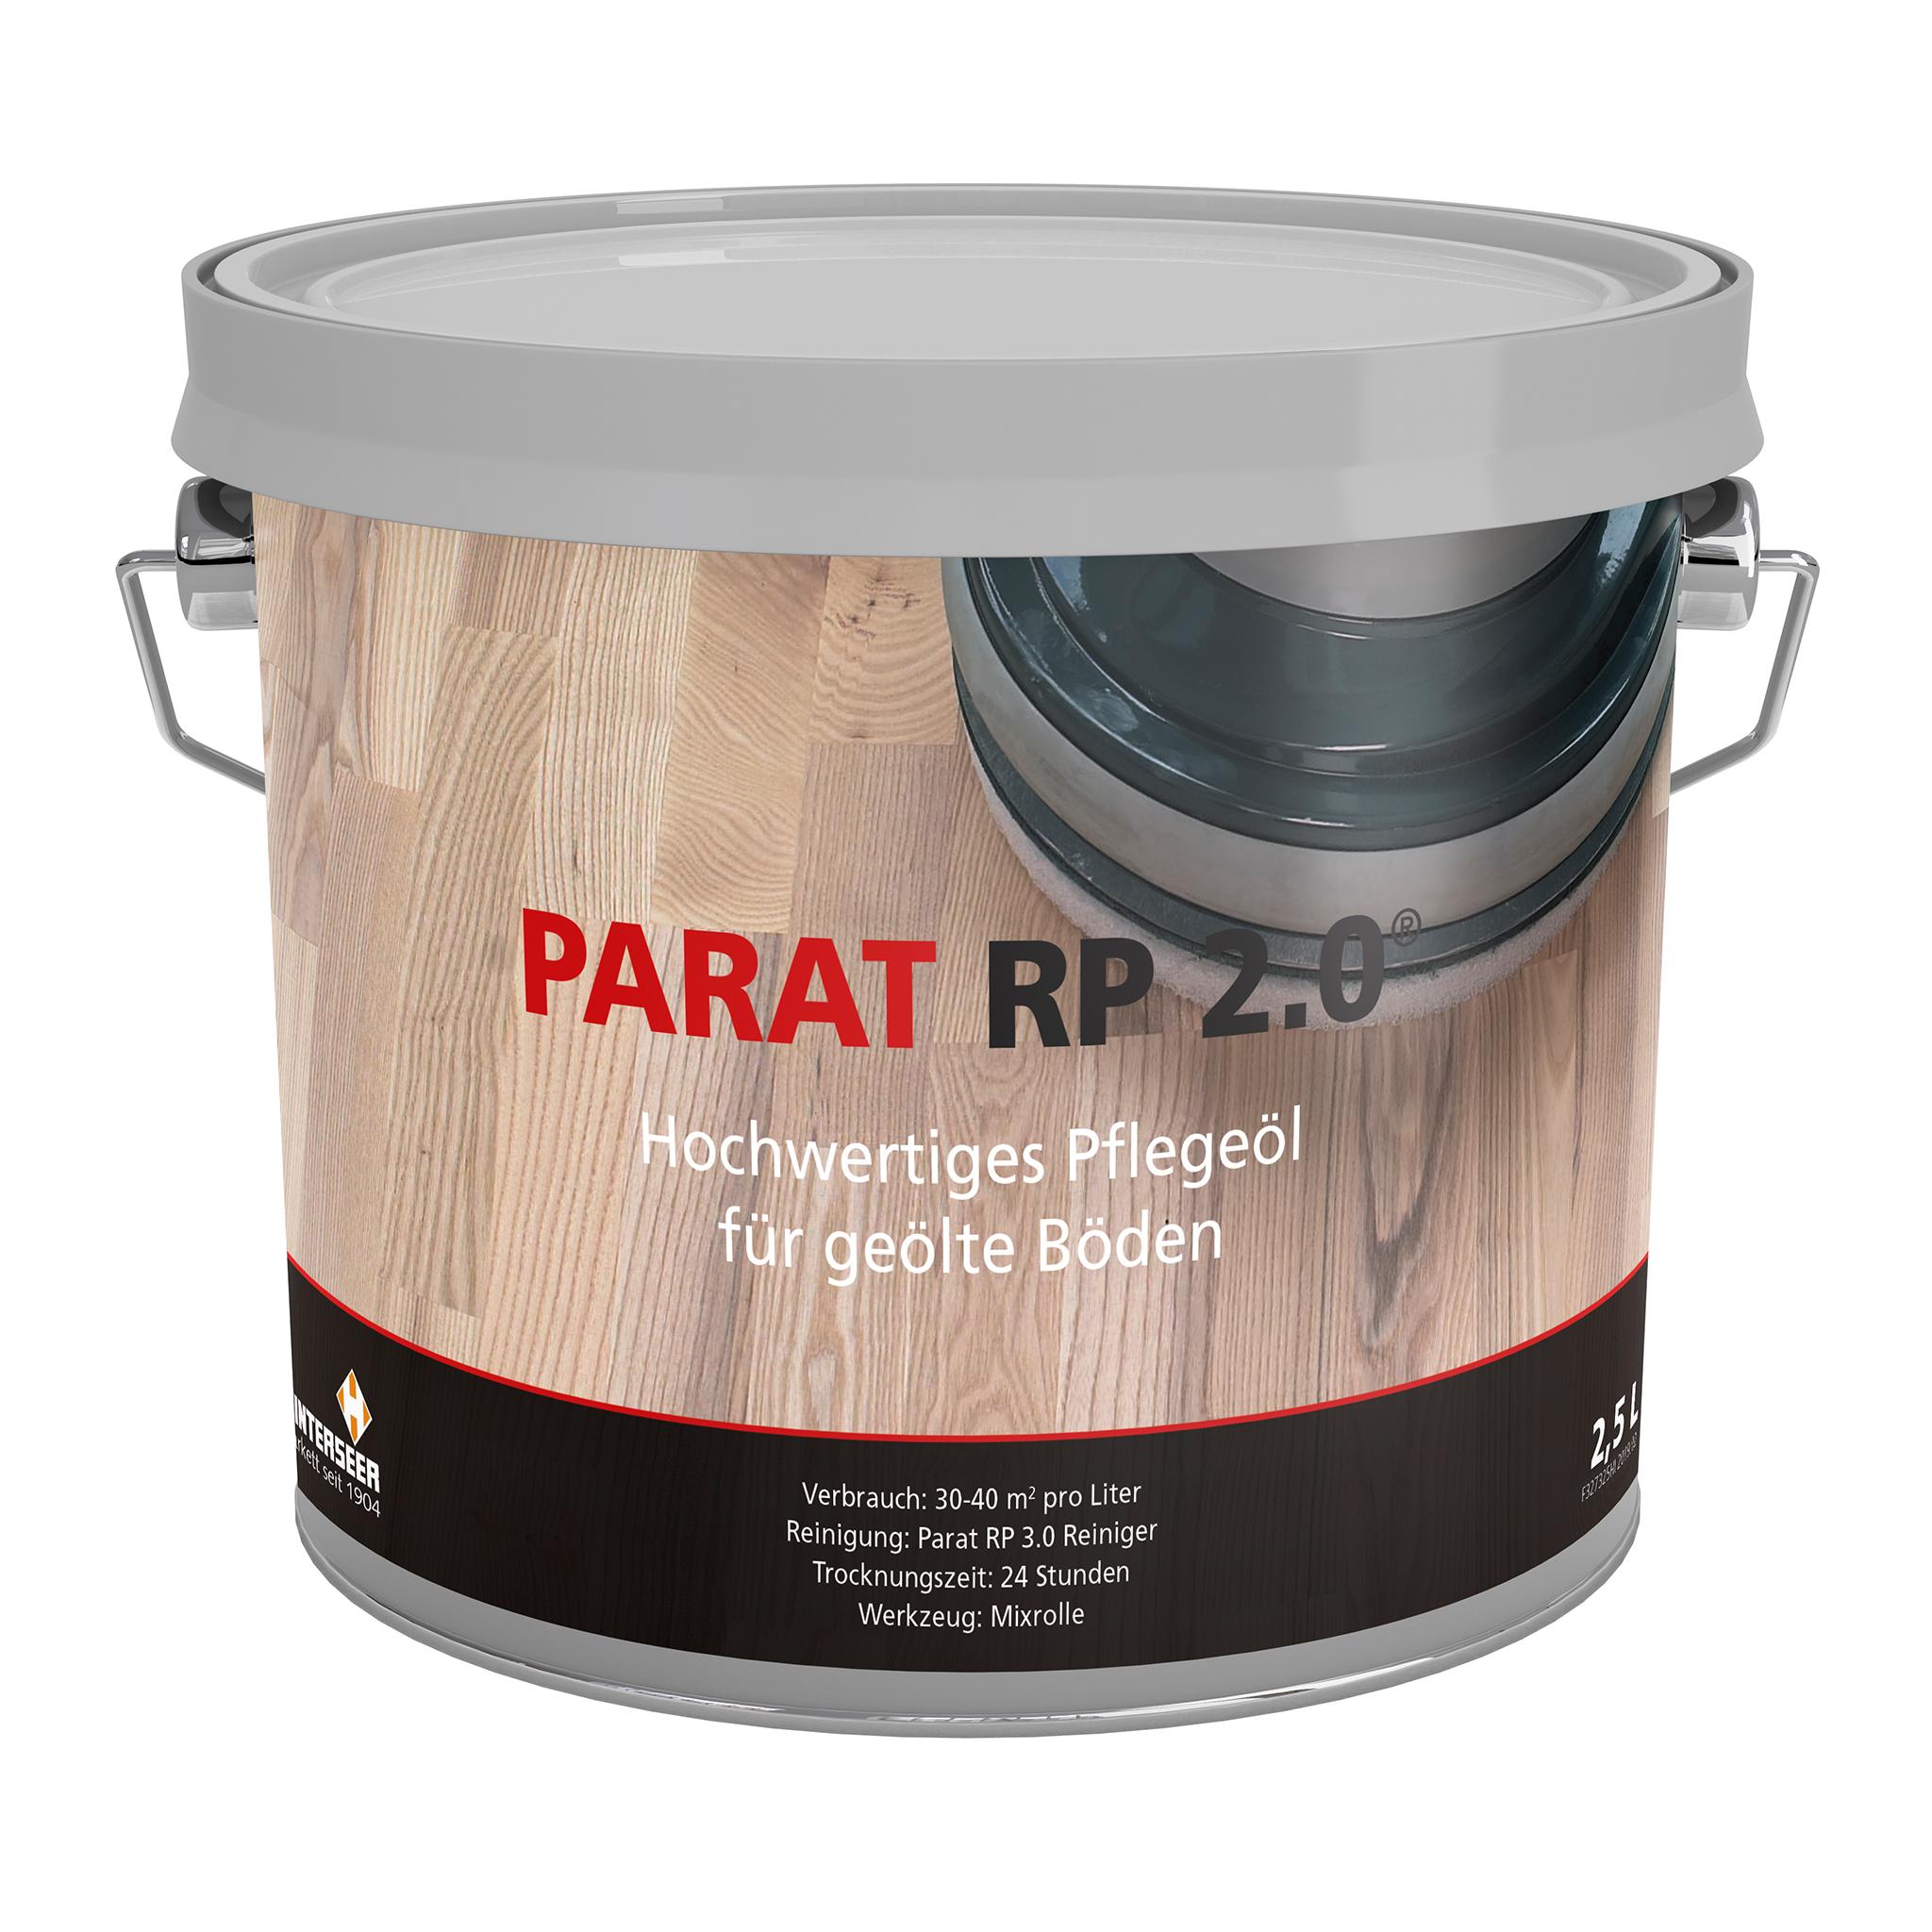 PARAT RP 2.0 oil care 2,5 Ltr.